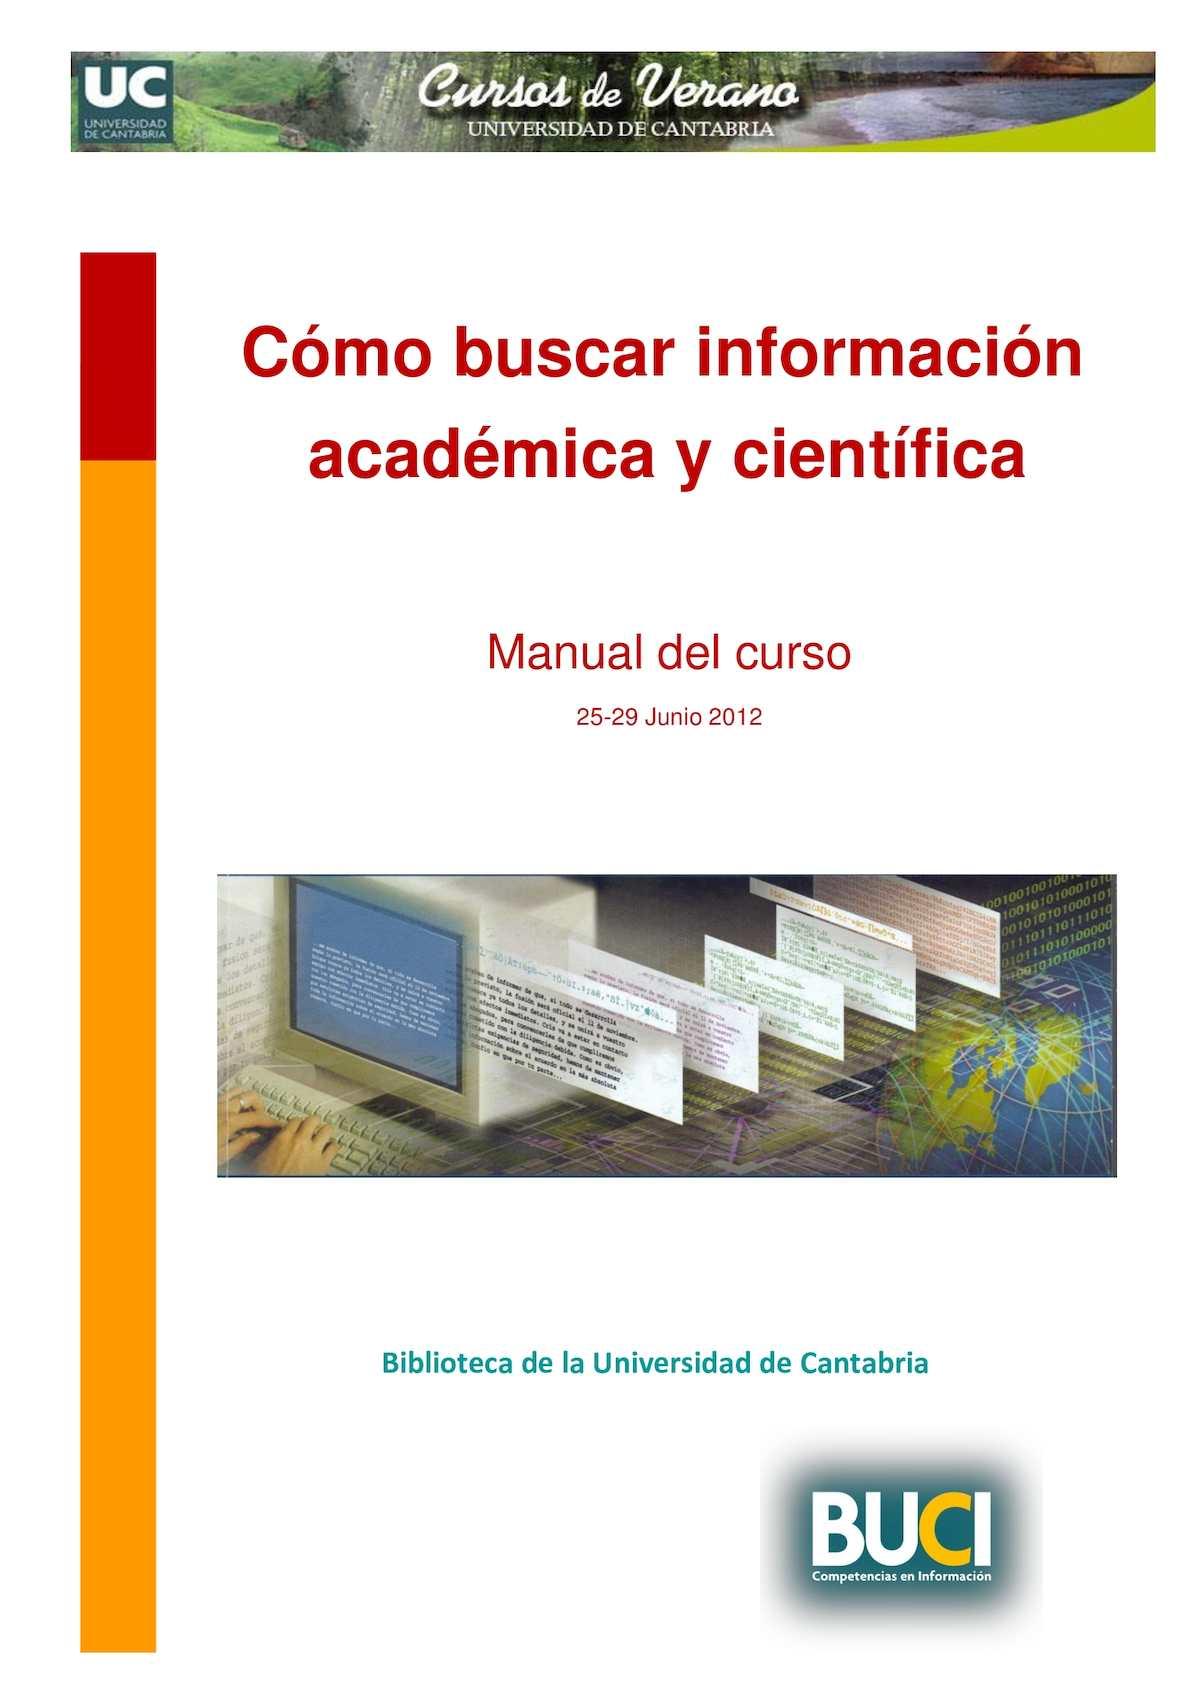 Calaméo - Como buscar informacion academica y cientifica